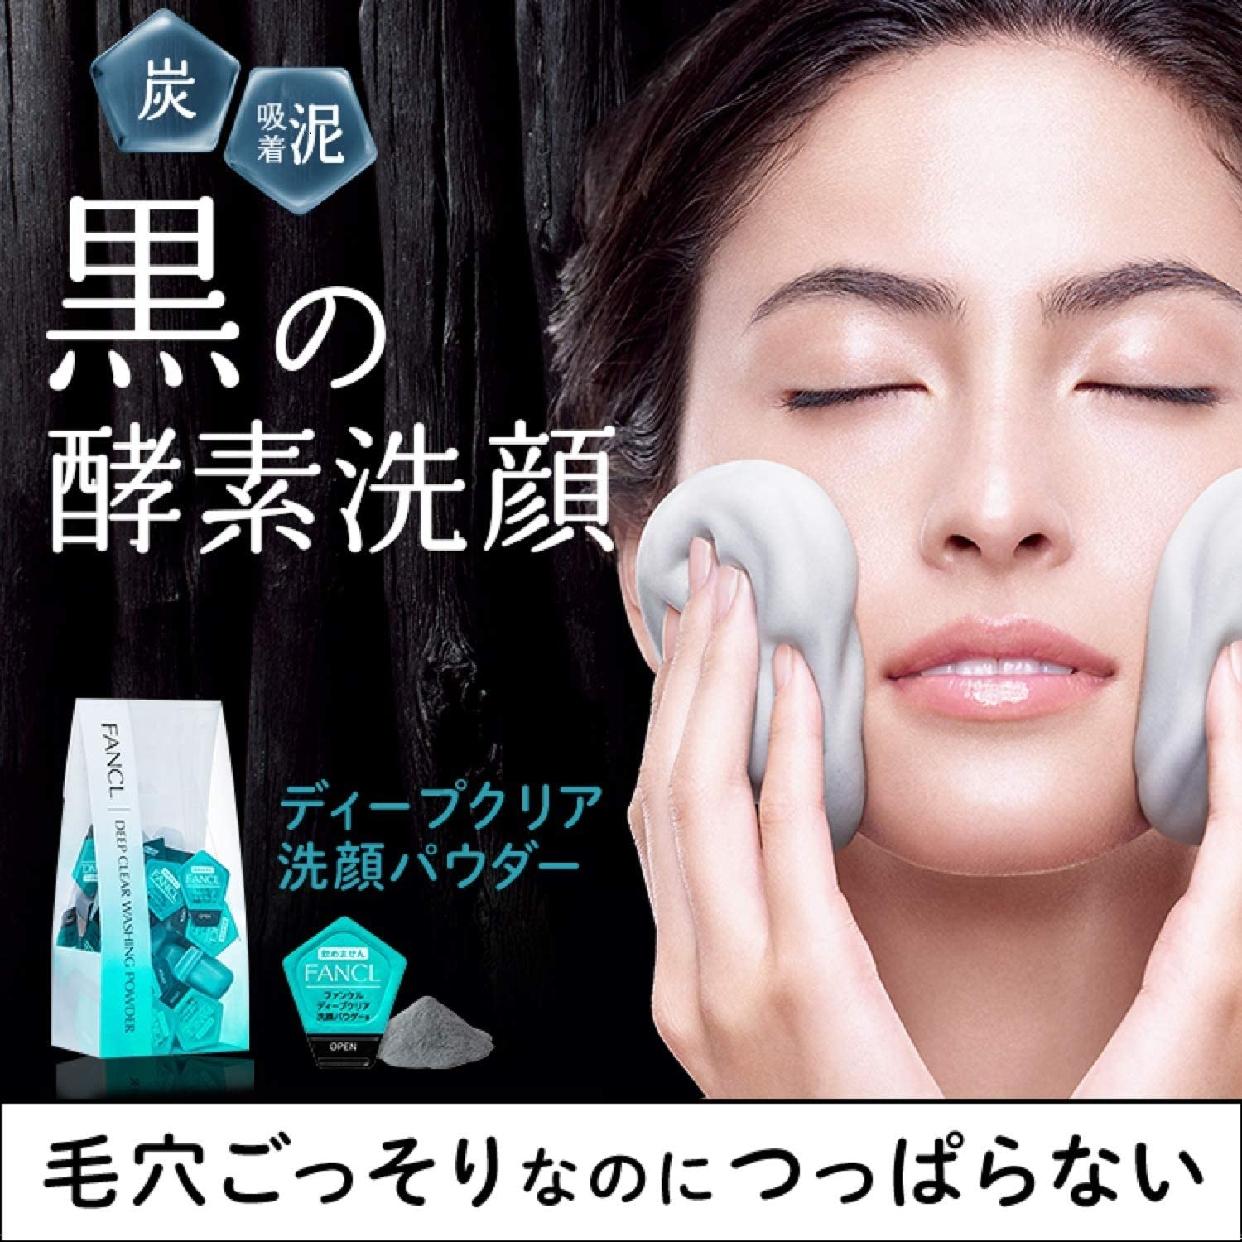 FANCL(ファンケル)ディープクリア洗顔パウダーの商品画像7